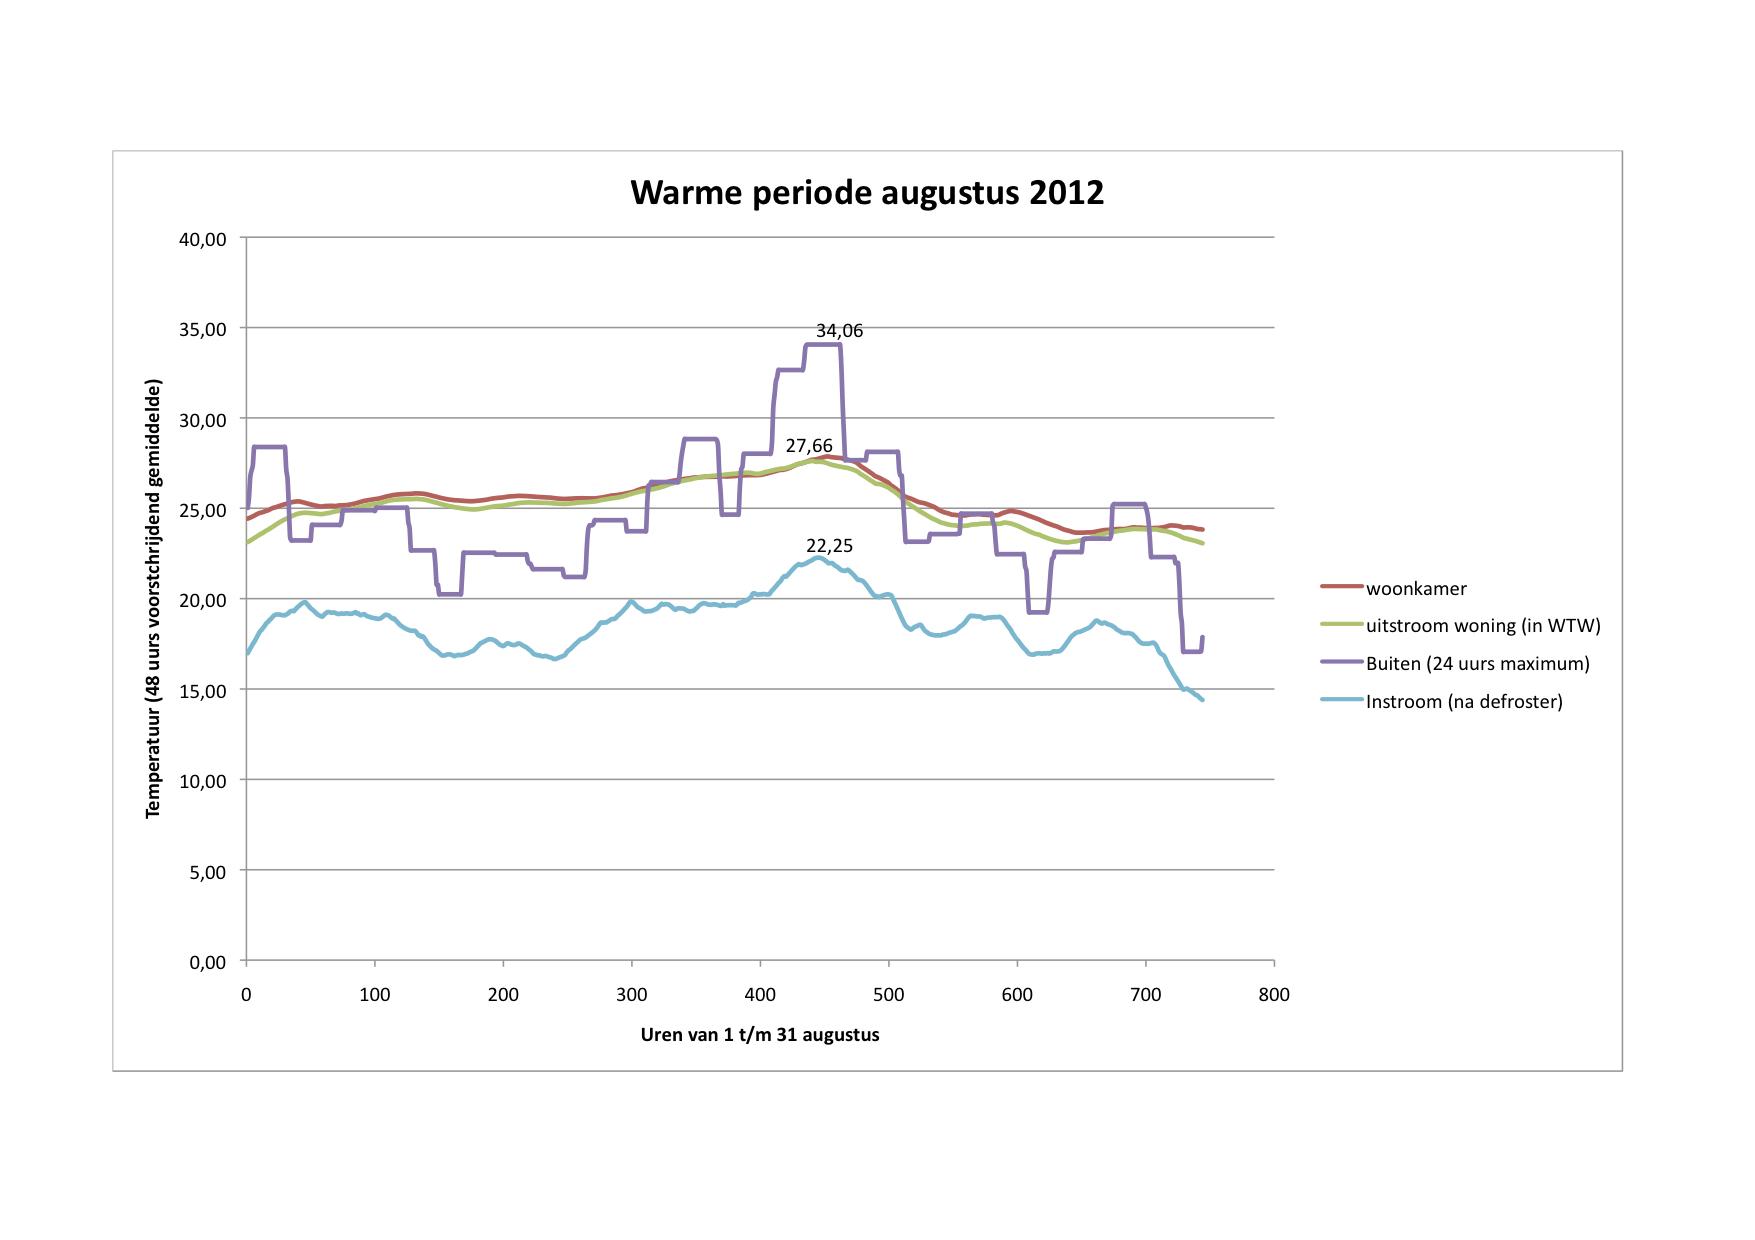 http://www.onspassiefhuis.nl/images/Grafiek%20temperatuurverloop%20warme%20periode%20augustus%202012.jpg